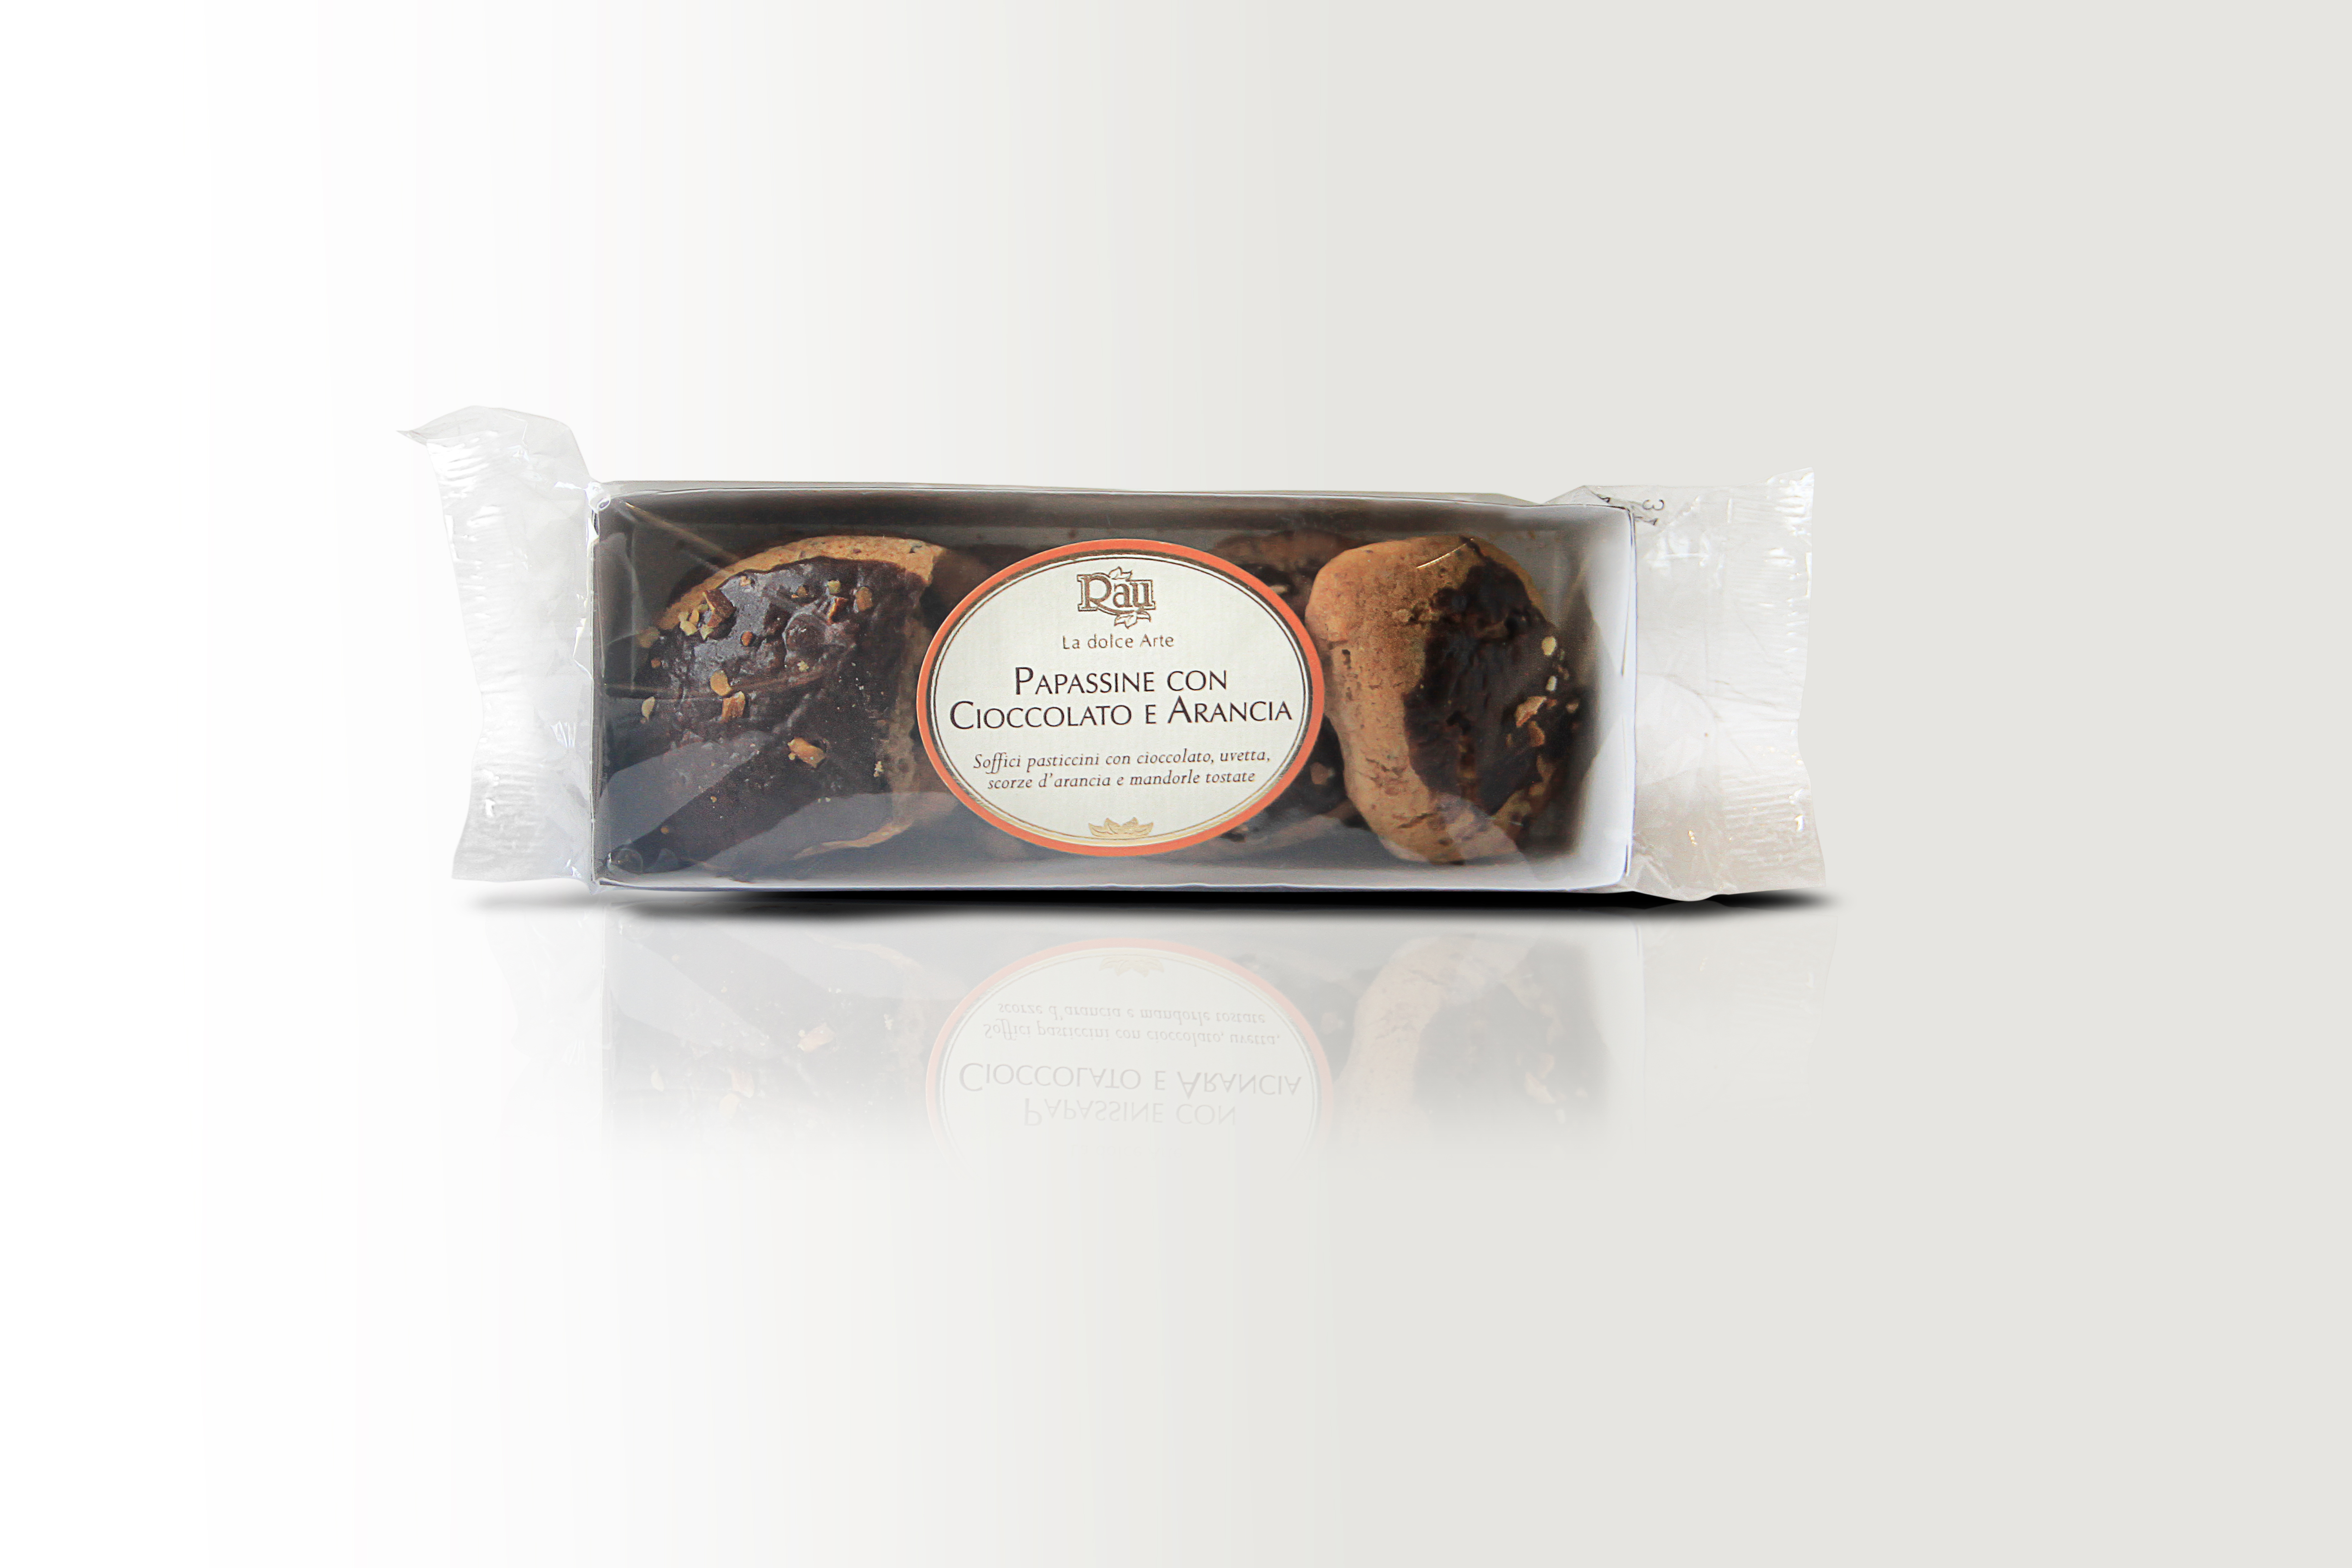 Papassine-con-Cioccolato-e-Arancia